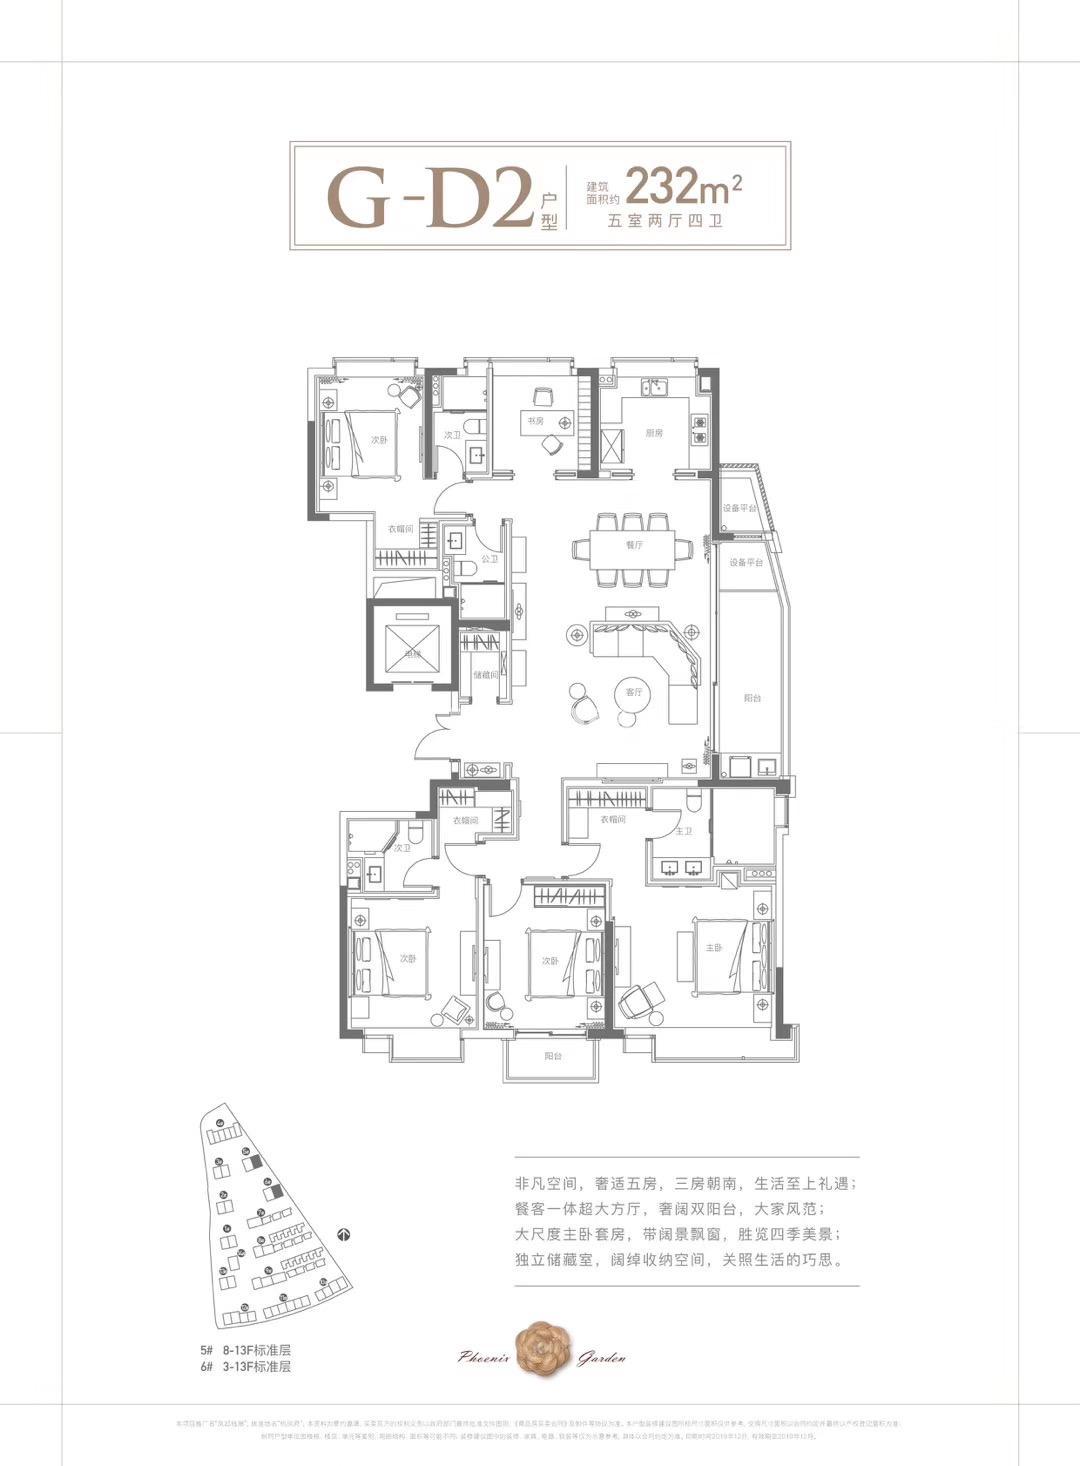 凤起钱潮G-D2户型232方5、6#